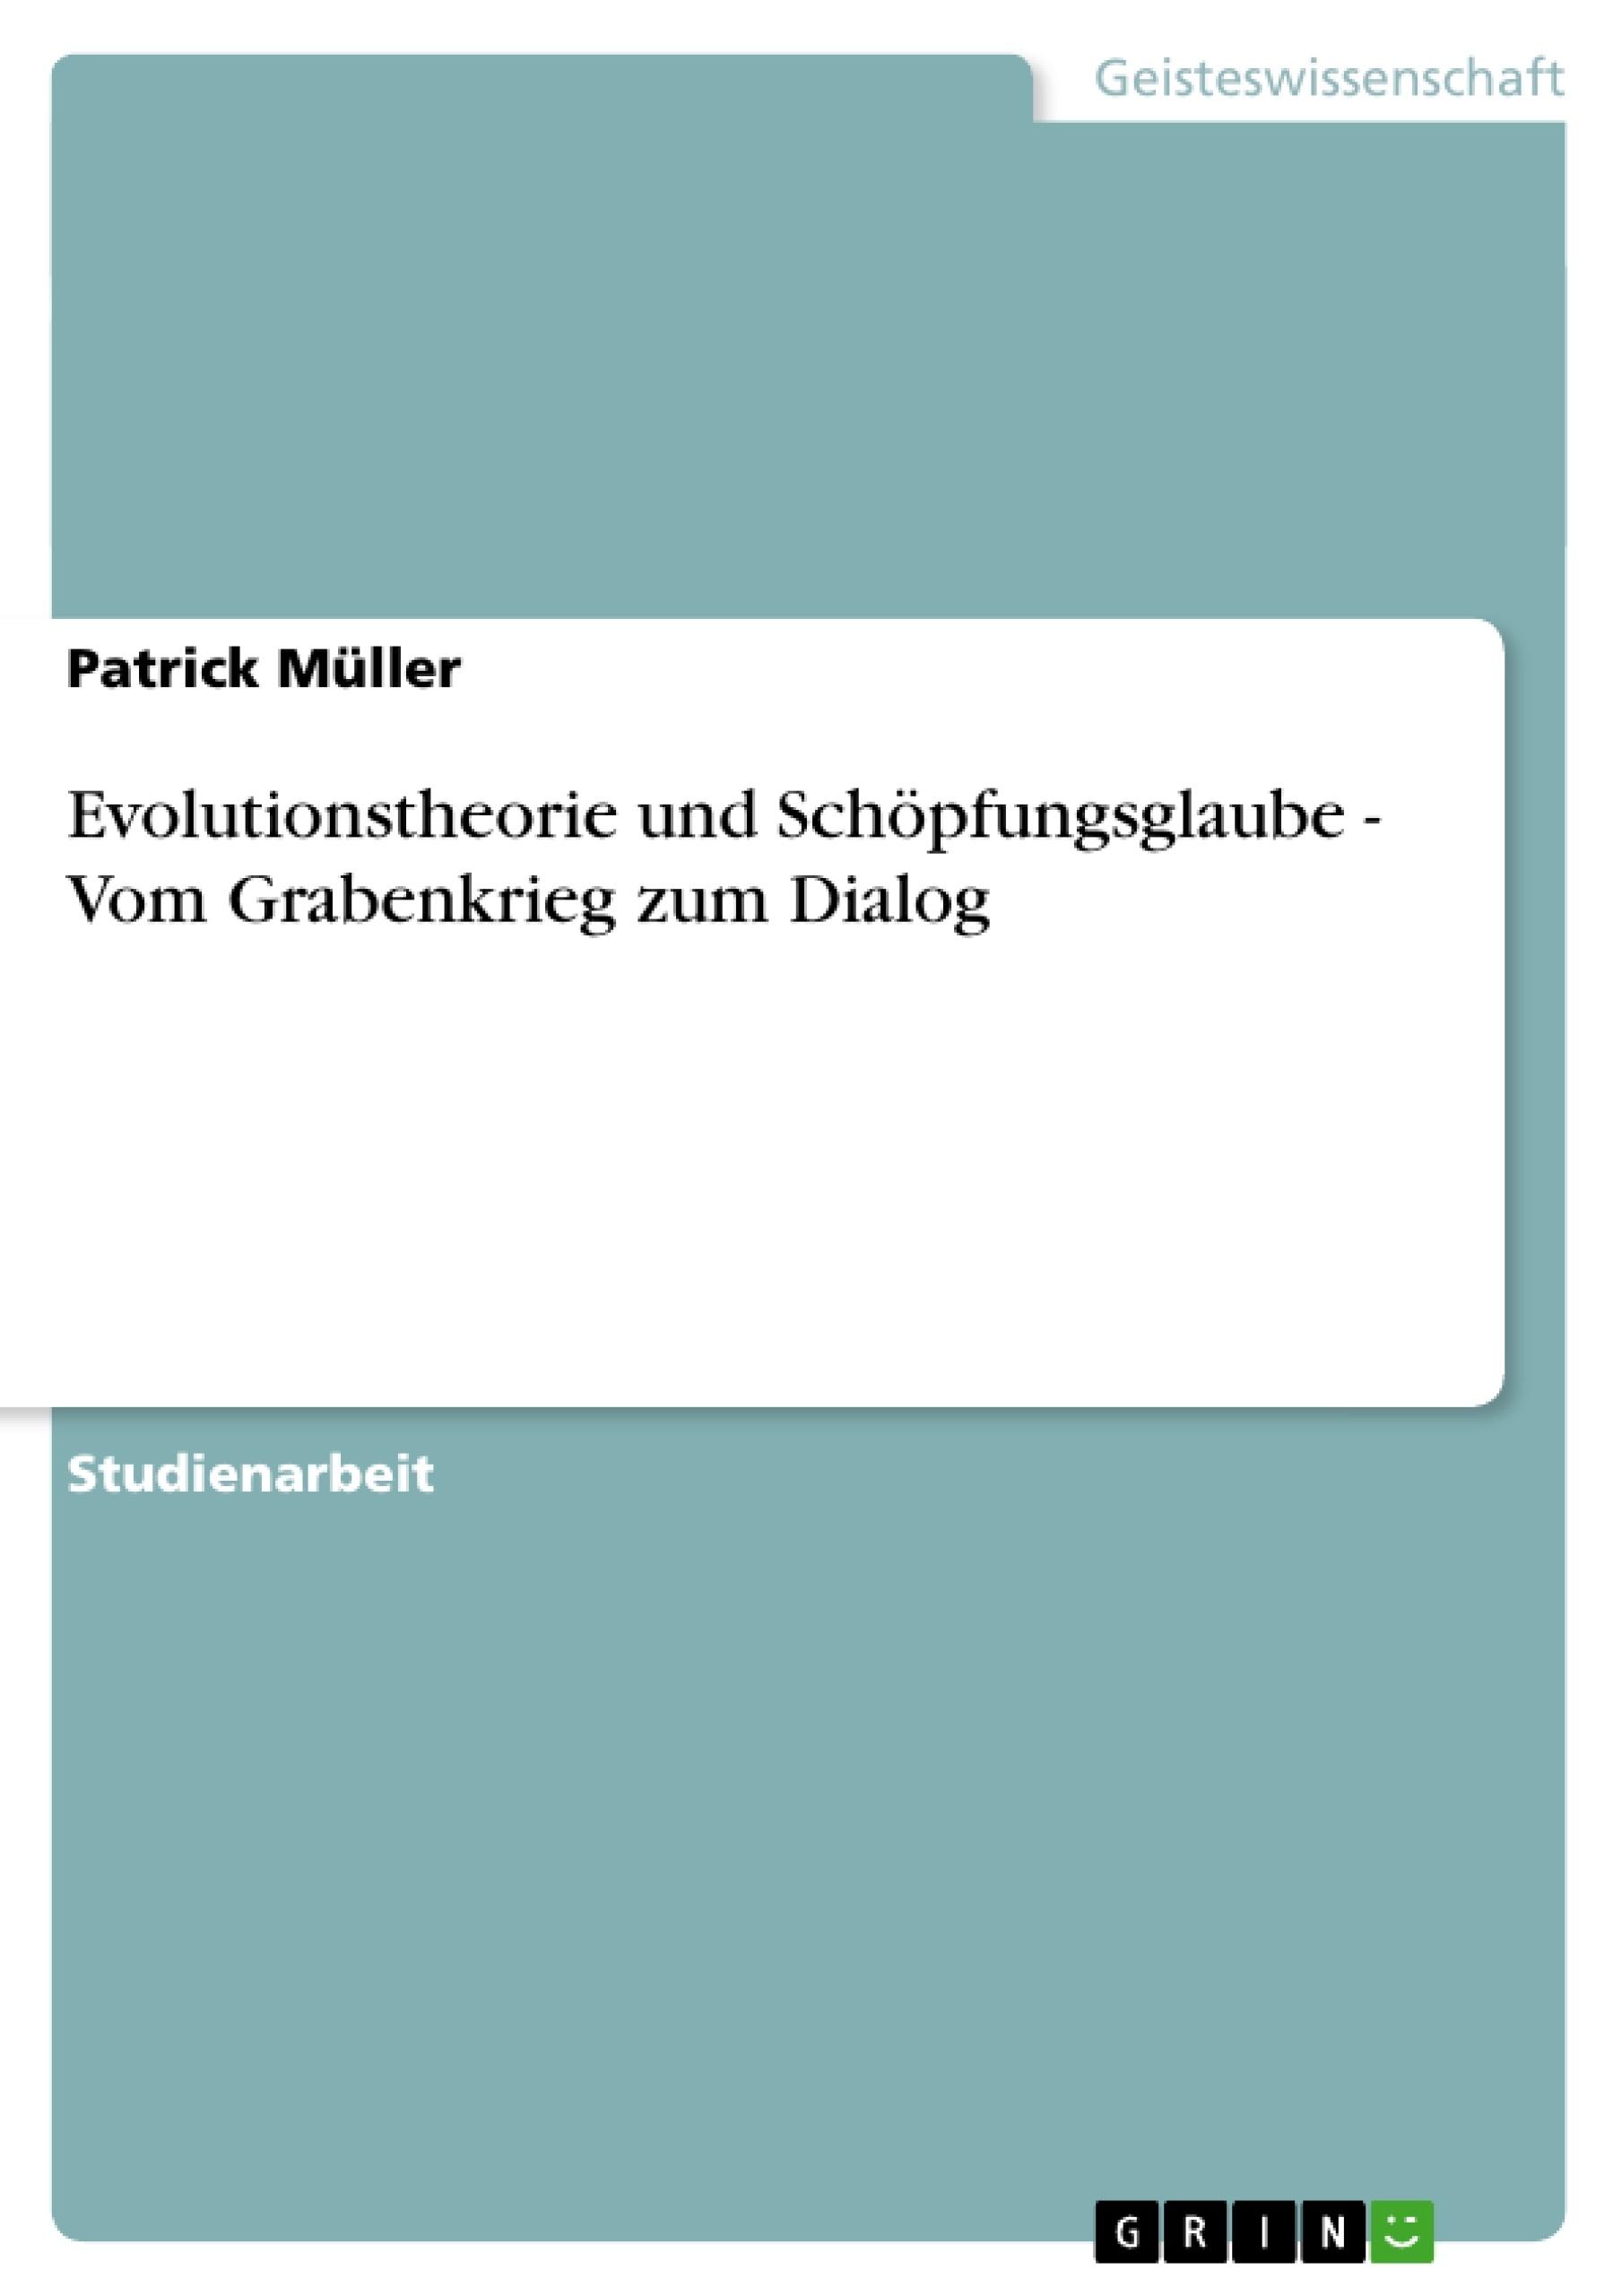 Titel: Evolutionstheorie und Schöpfungsglaube - Vom Grabenkrieg zum Dialog